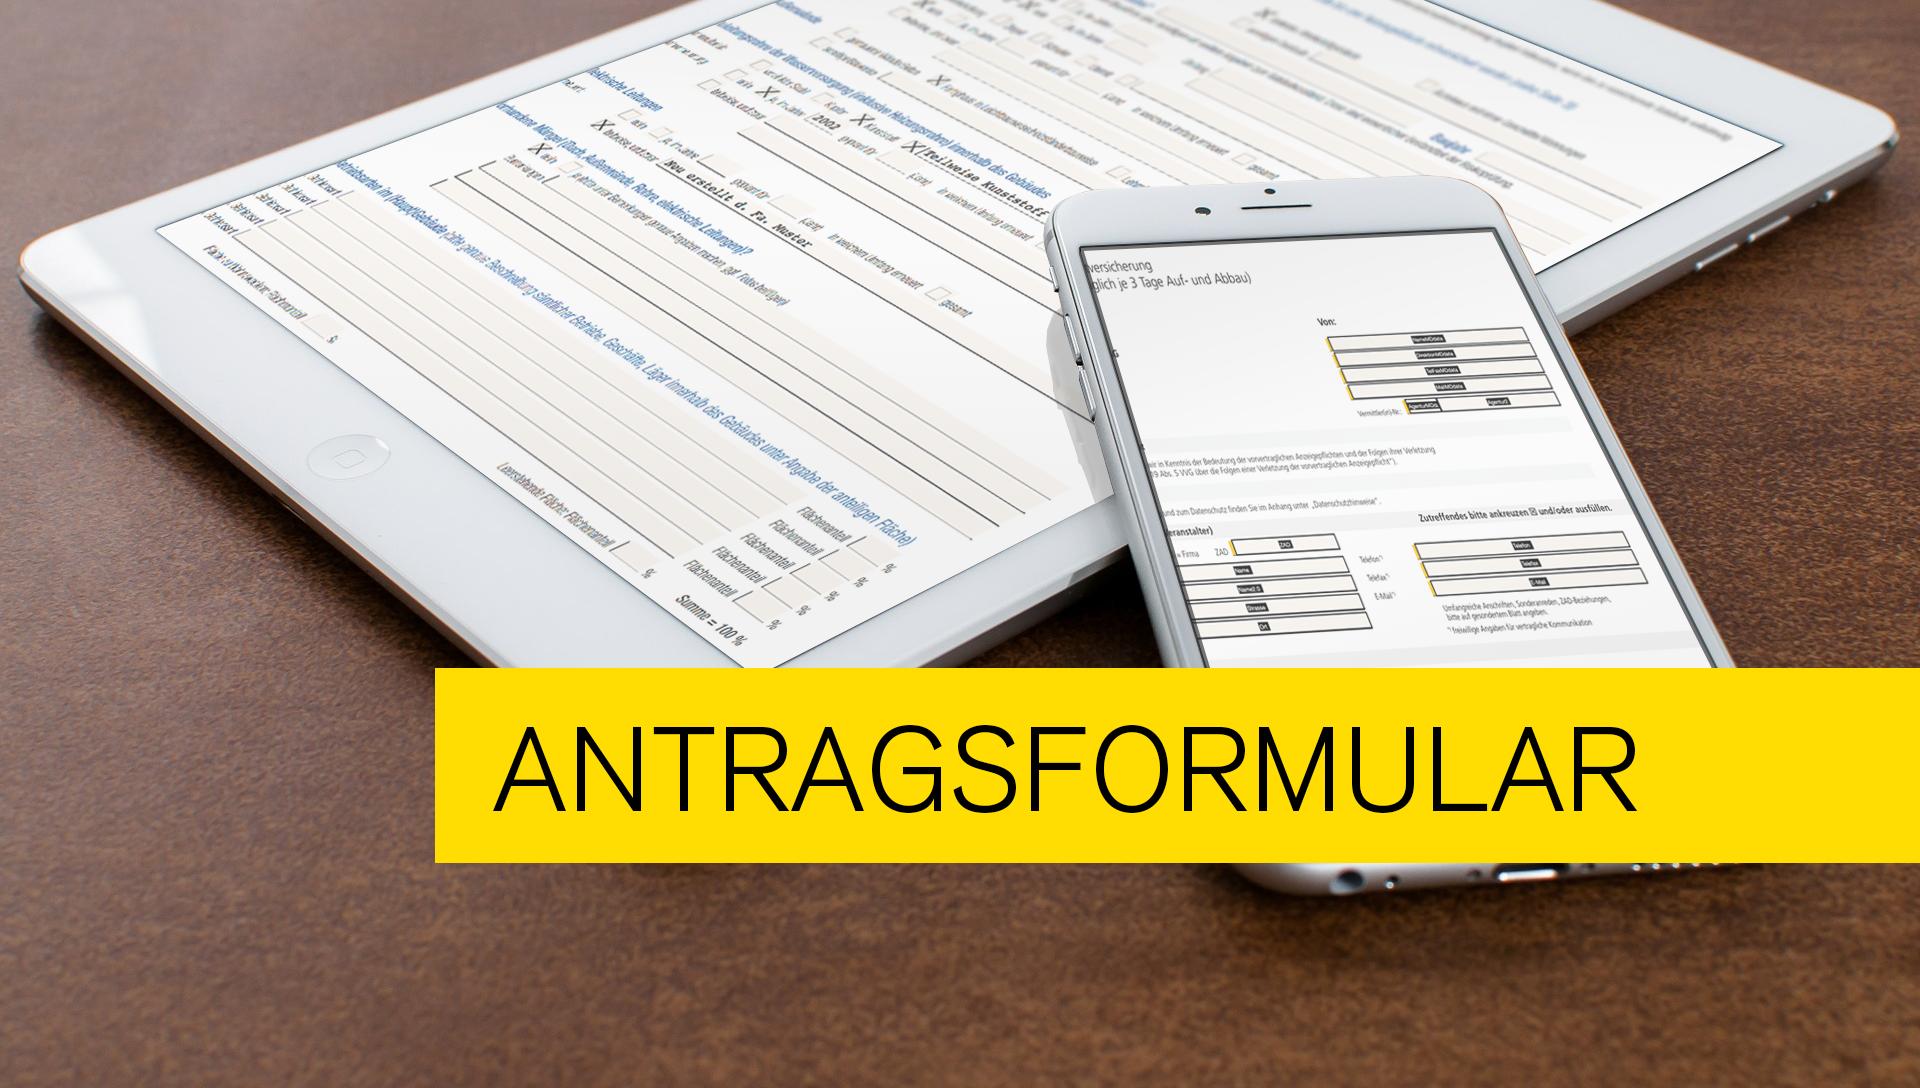 Titelbild zu einer Kundenlösung - PDF Formular als Antragsformular